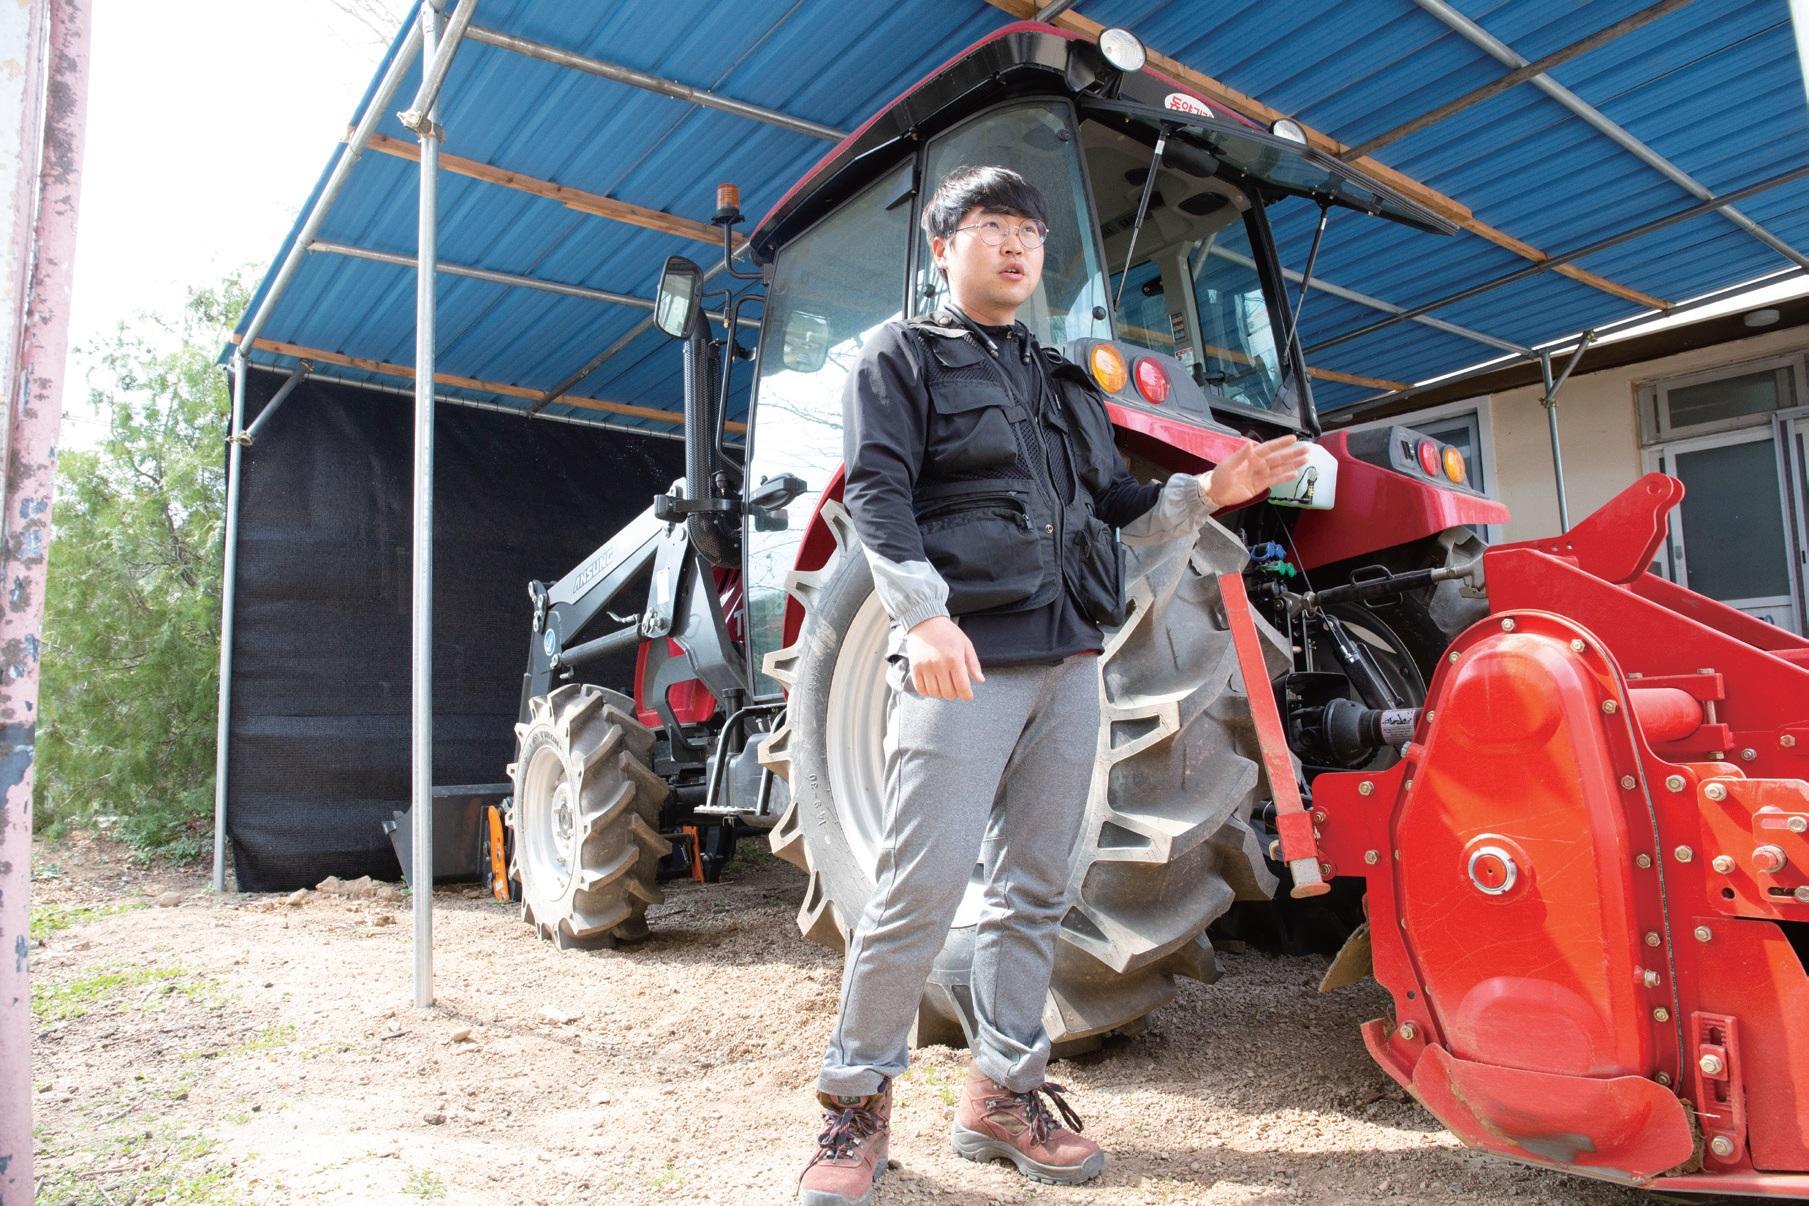 경북 상주시에서 친환경농사를 짓는 청년이그린협동조합 조합원 주슬기 씨.